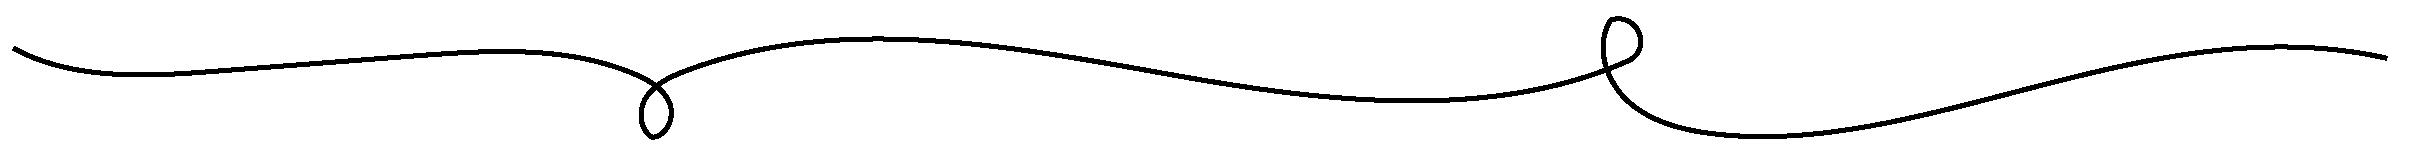 Divider-Line-Swirls